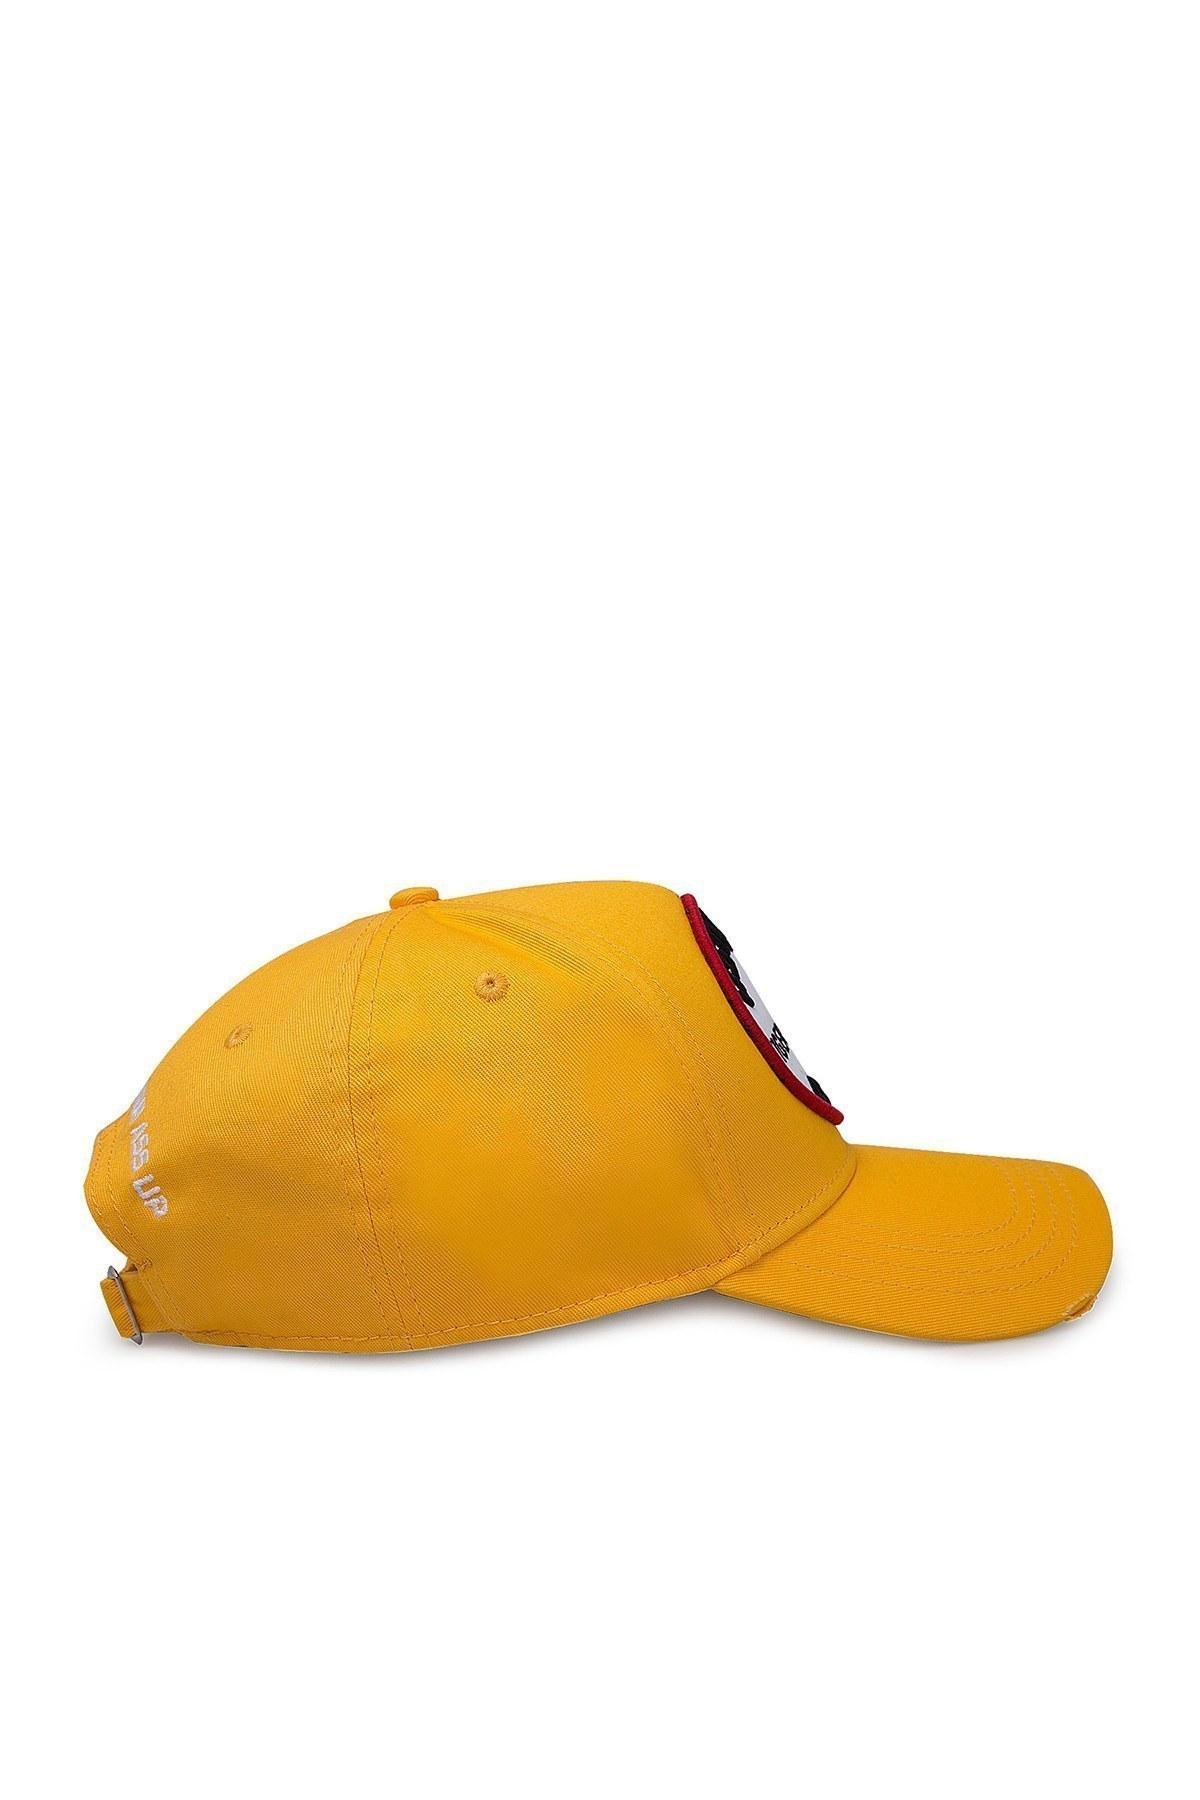 Dsquared2 Erkek Şapka BCM0284 05C00001 7047 SARI